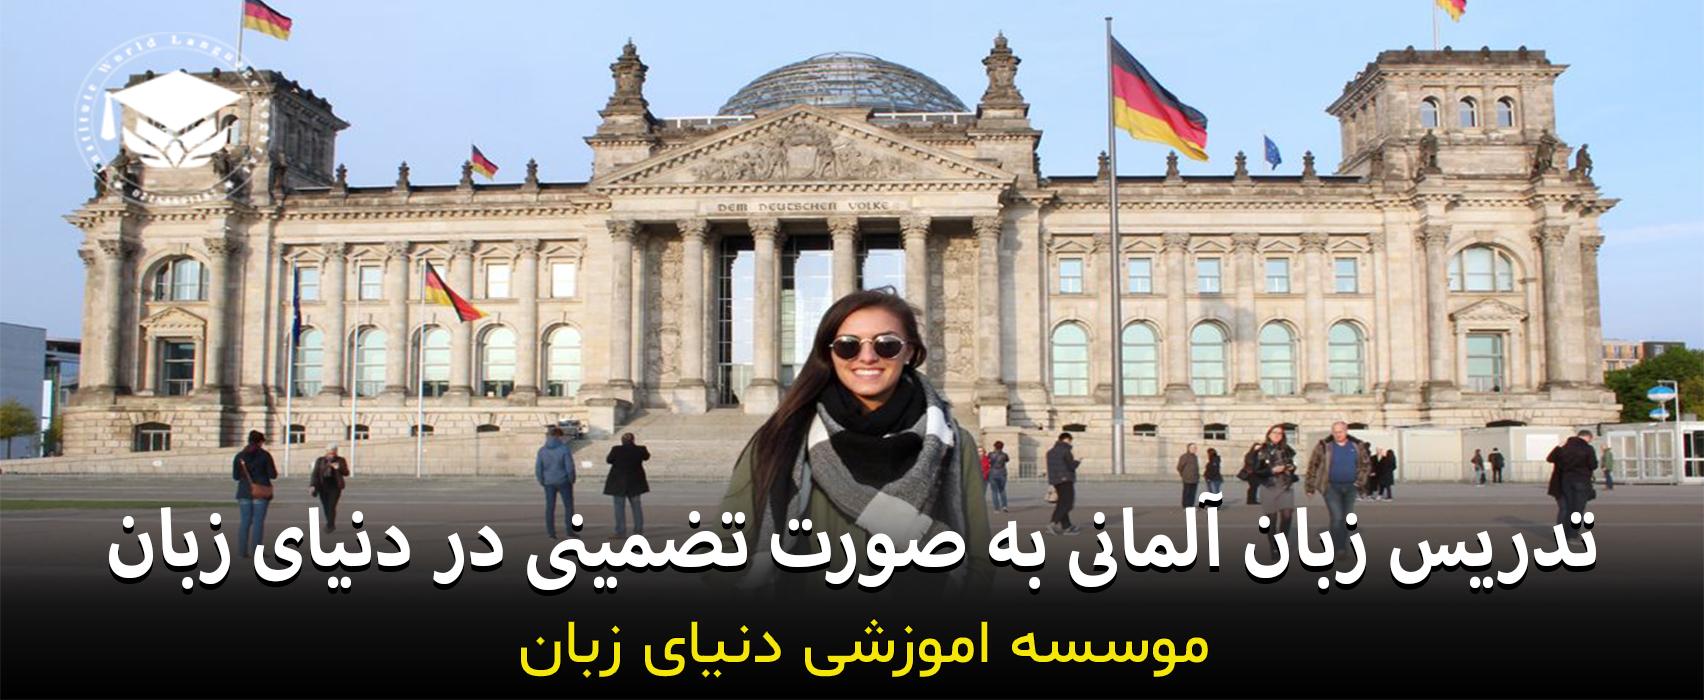 تدریس خصوصی زبان آلمانی در امانیه یا جردن